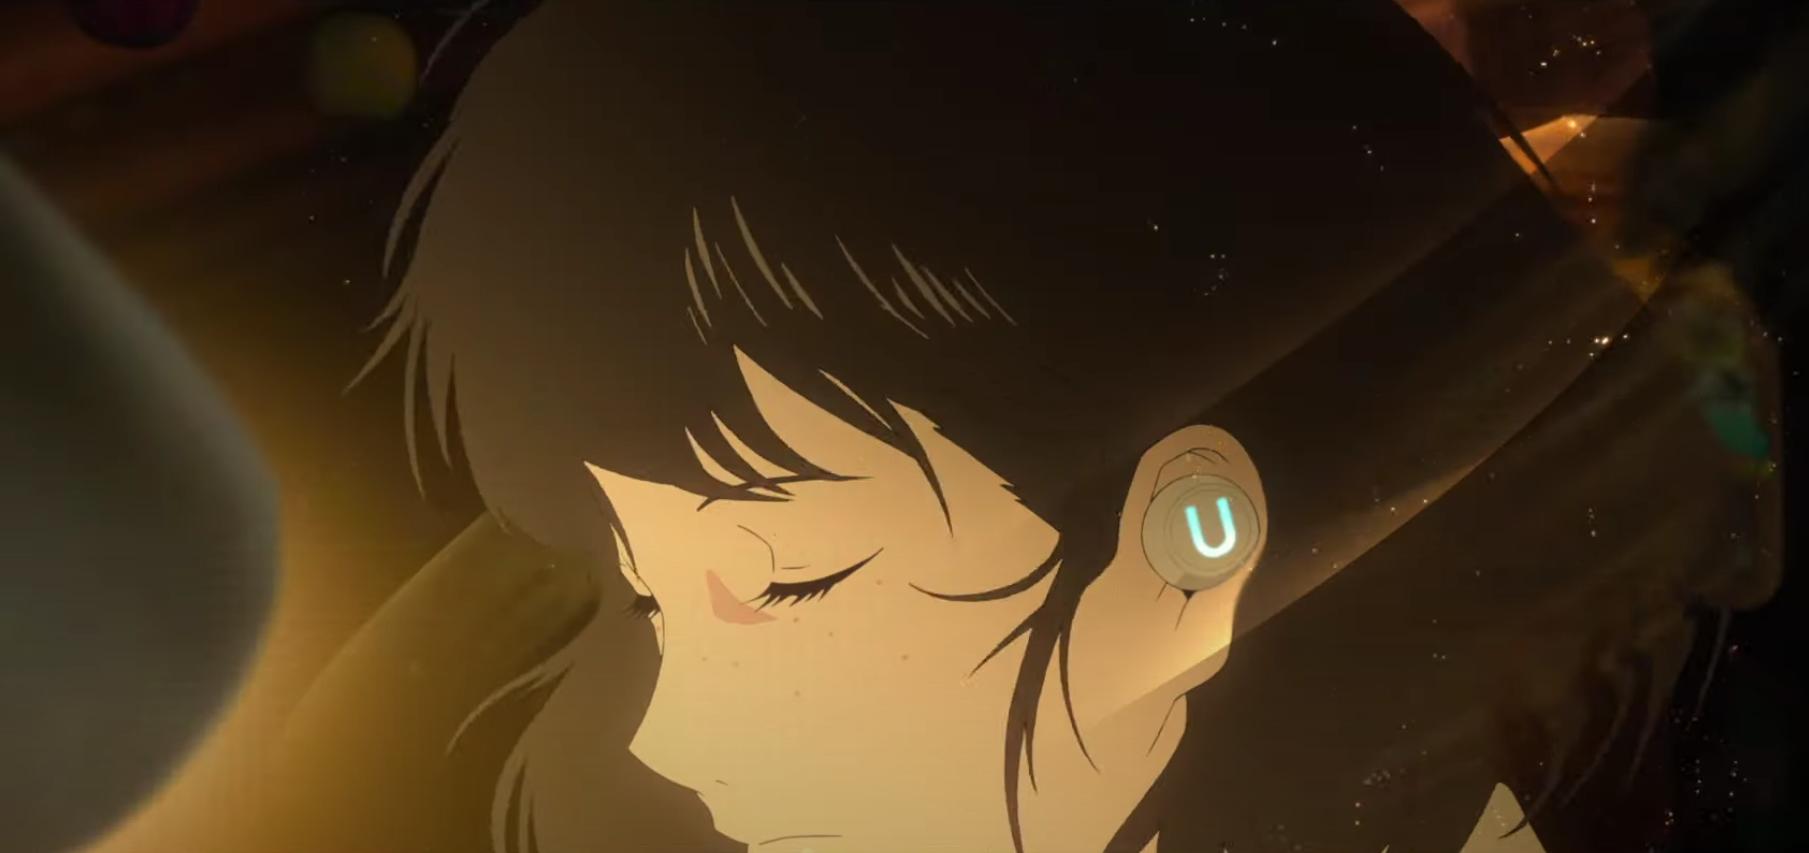 Тизер-трейлер аниме «Дракон и принцесса с веснушками» Мамору Хосоды